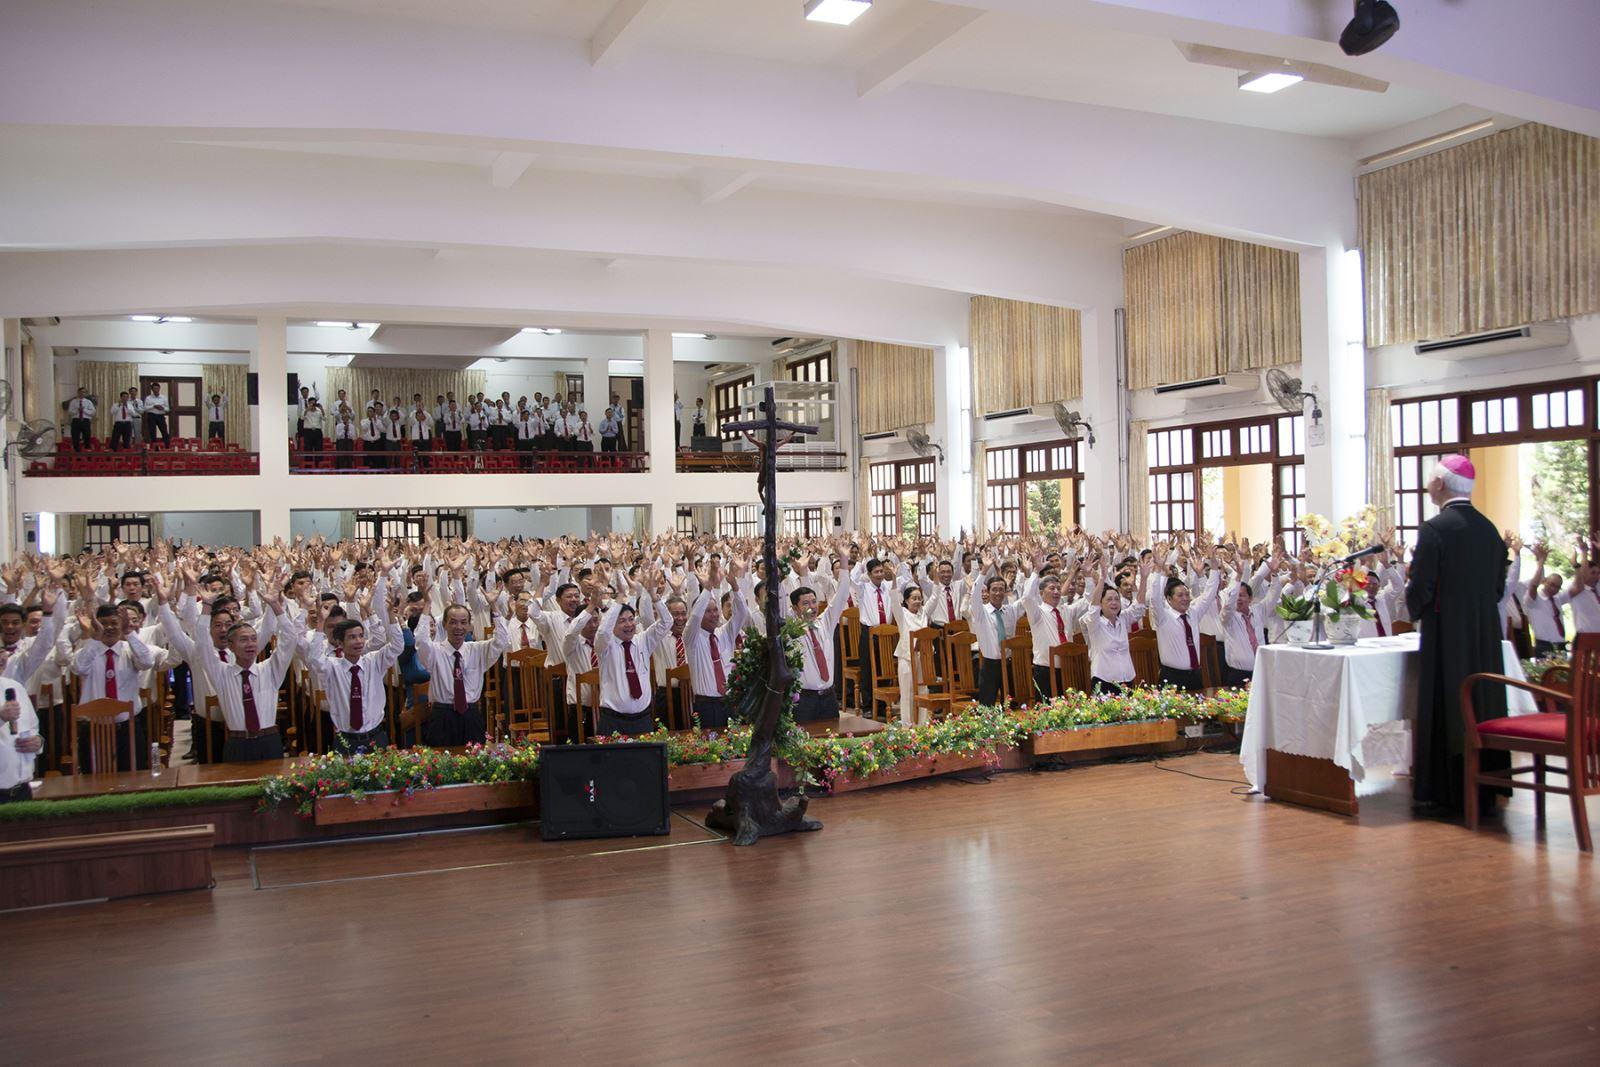 Ngày gặp gỡ truyền thống Mừng Lễ Thánh Phêrô- Phaolô, Bổn Mạng Ban Hành Giáo- Giáo phận Xuân Lộc